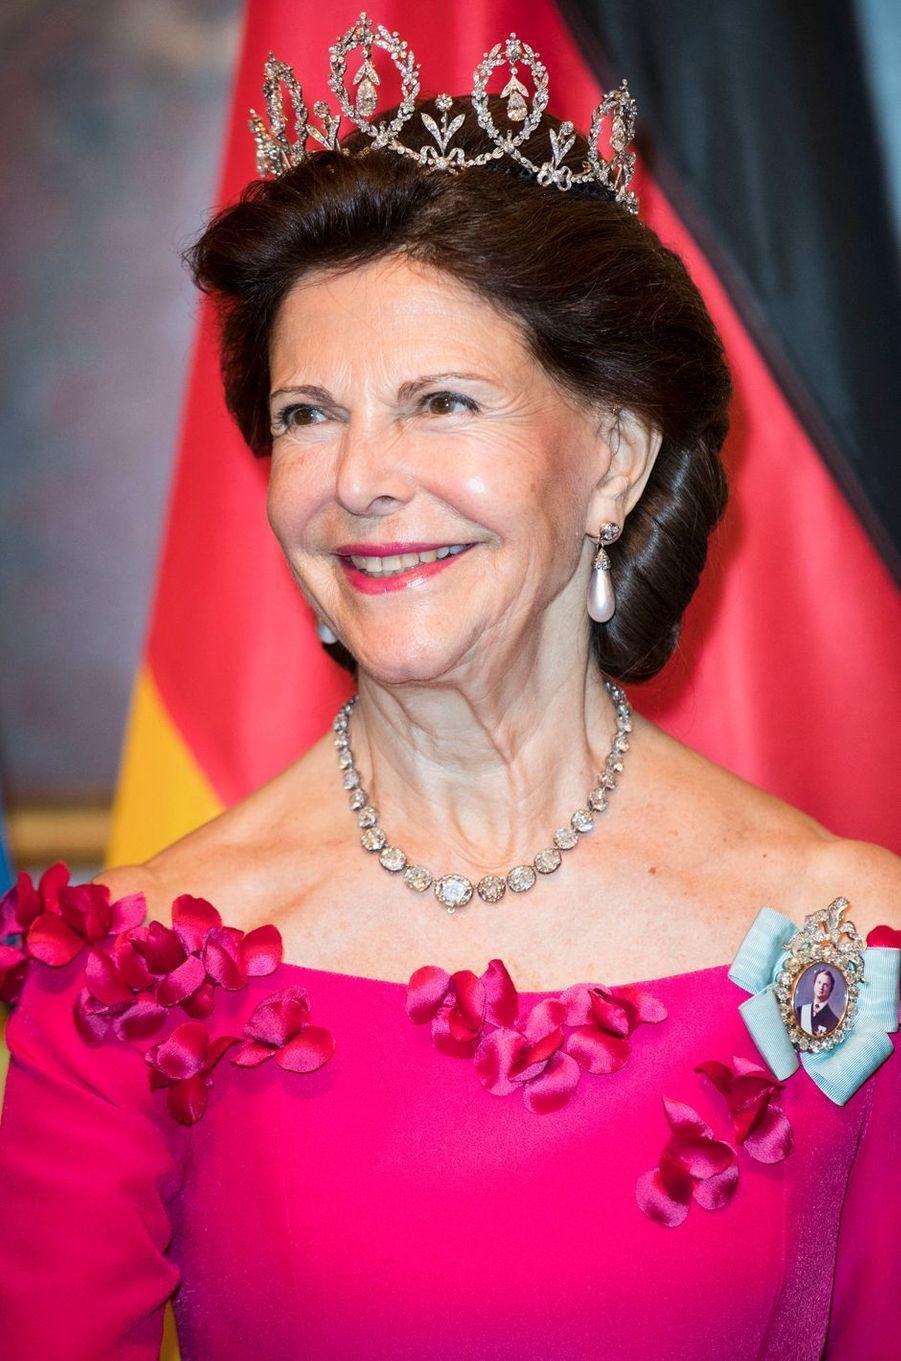 En visite d'Etat en Allemagne, son pays natal, du 5 au 8 octobre 2016, avec le roi Carl XVI Gustaf de Suède son époux, la reine Silvia a dégainé deux diadèmes en deux jours.